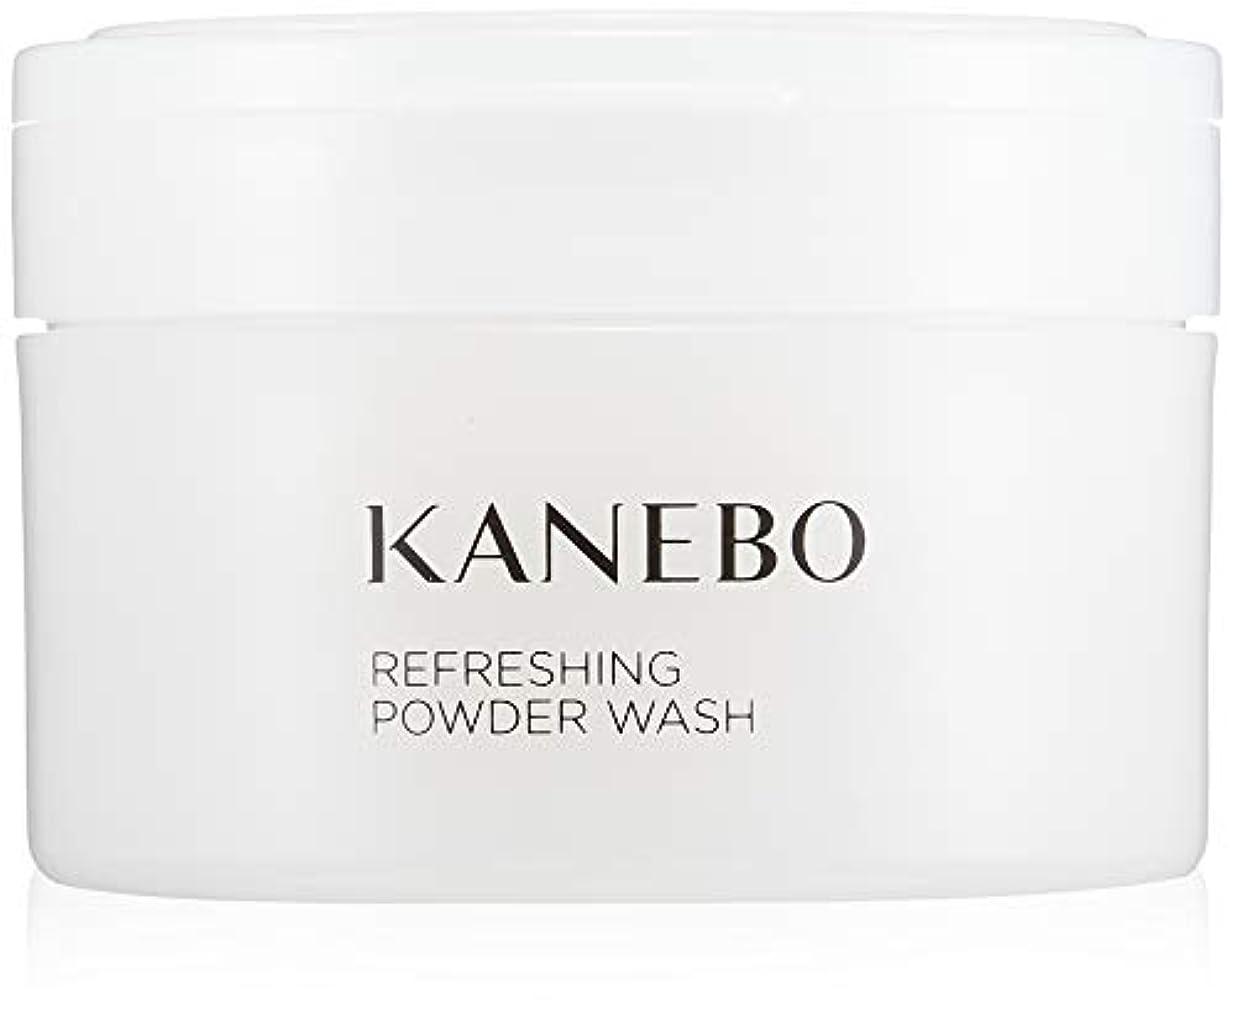 ゴールド盗賊大きなスケールで見るとKANEBO(カネボウ) カネボウ リフレッシング パウダー ウォッシュ 洗顔パウダー